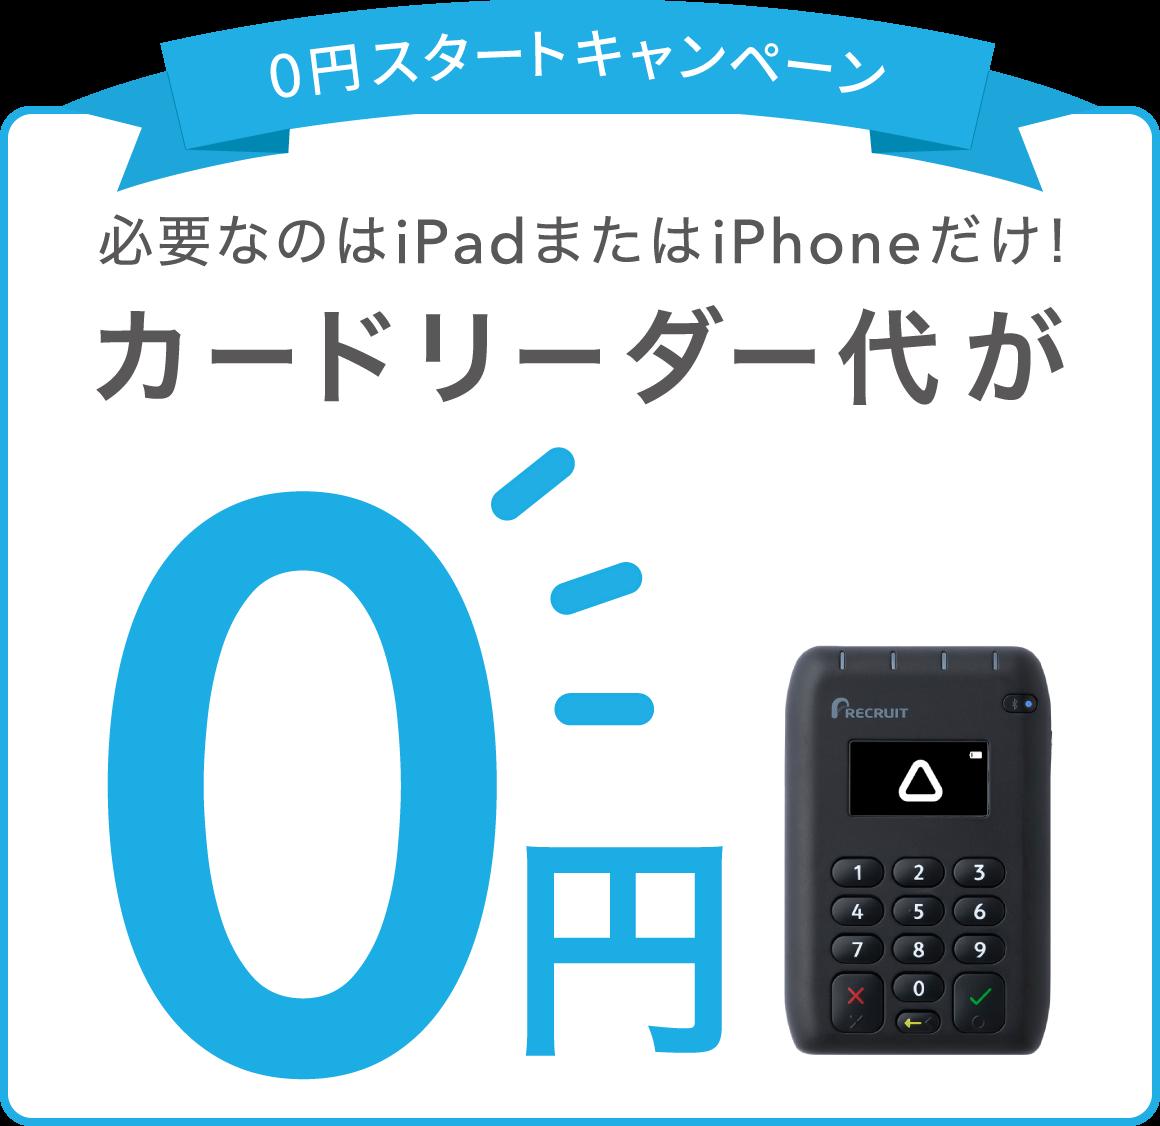 必要なのはiPadまたはiPhoneだけ! 0円スタートキャンペーン カードリーダー代が0円